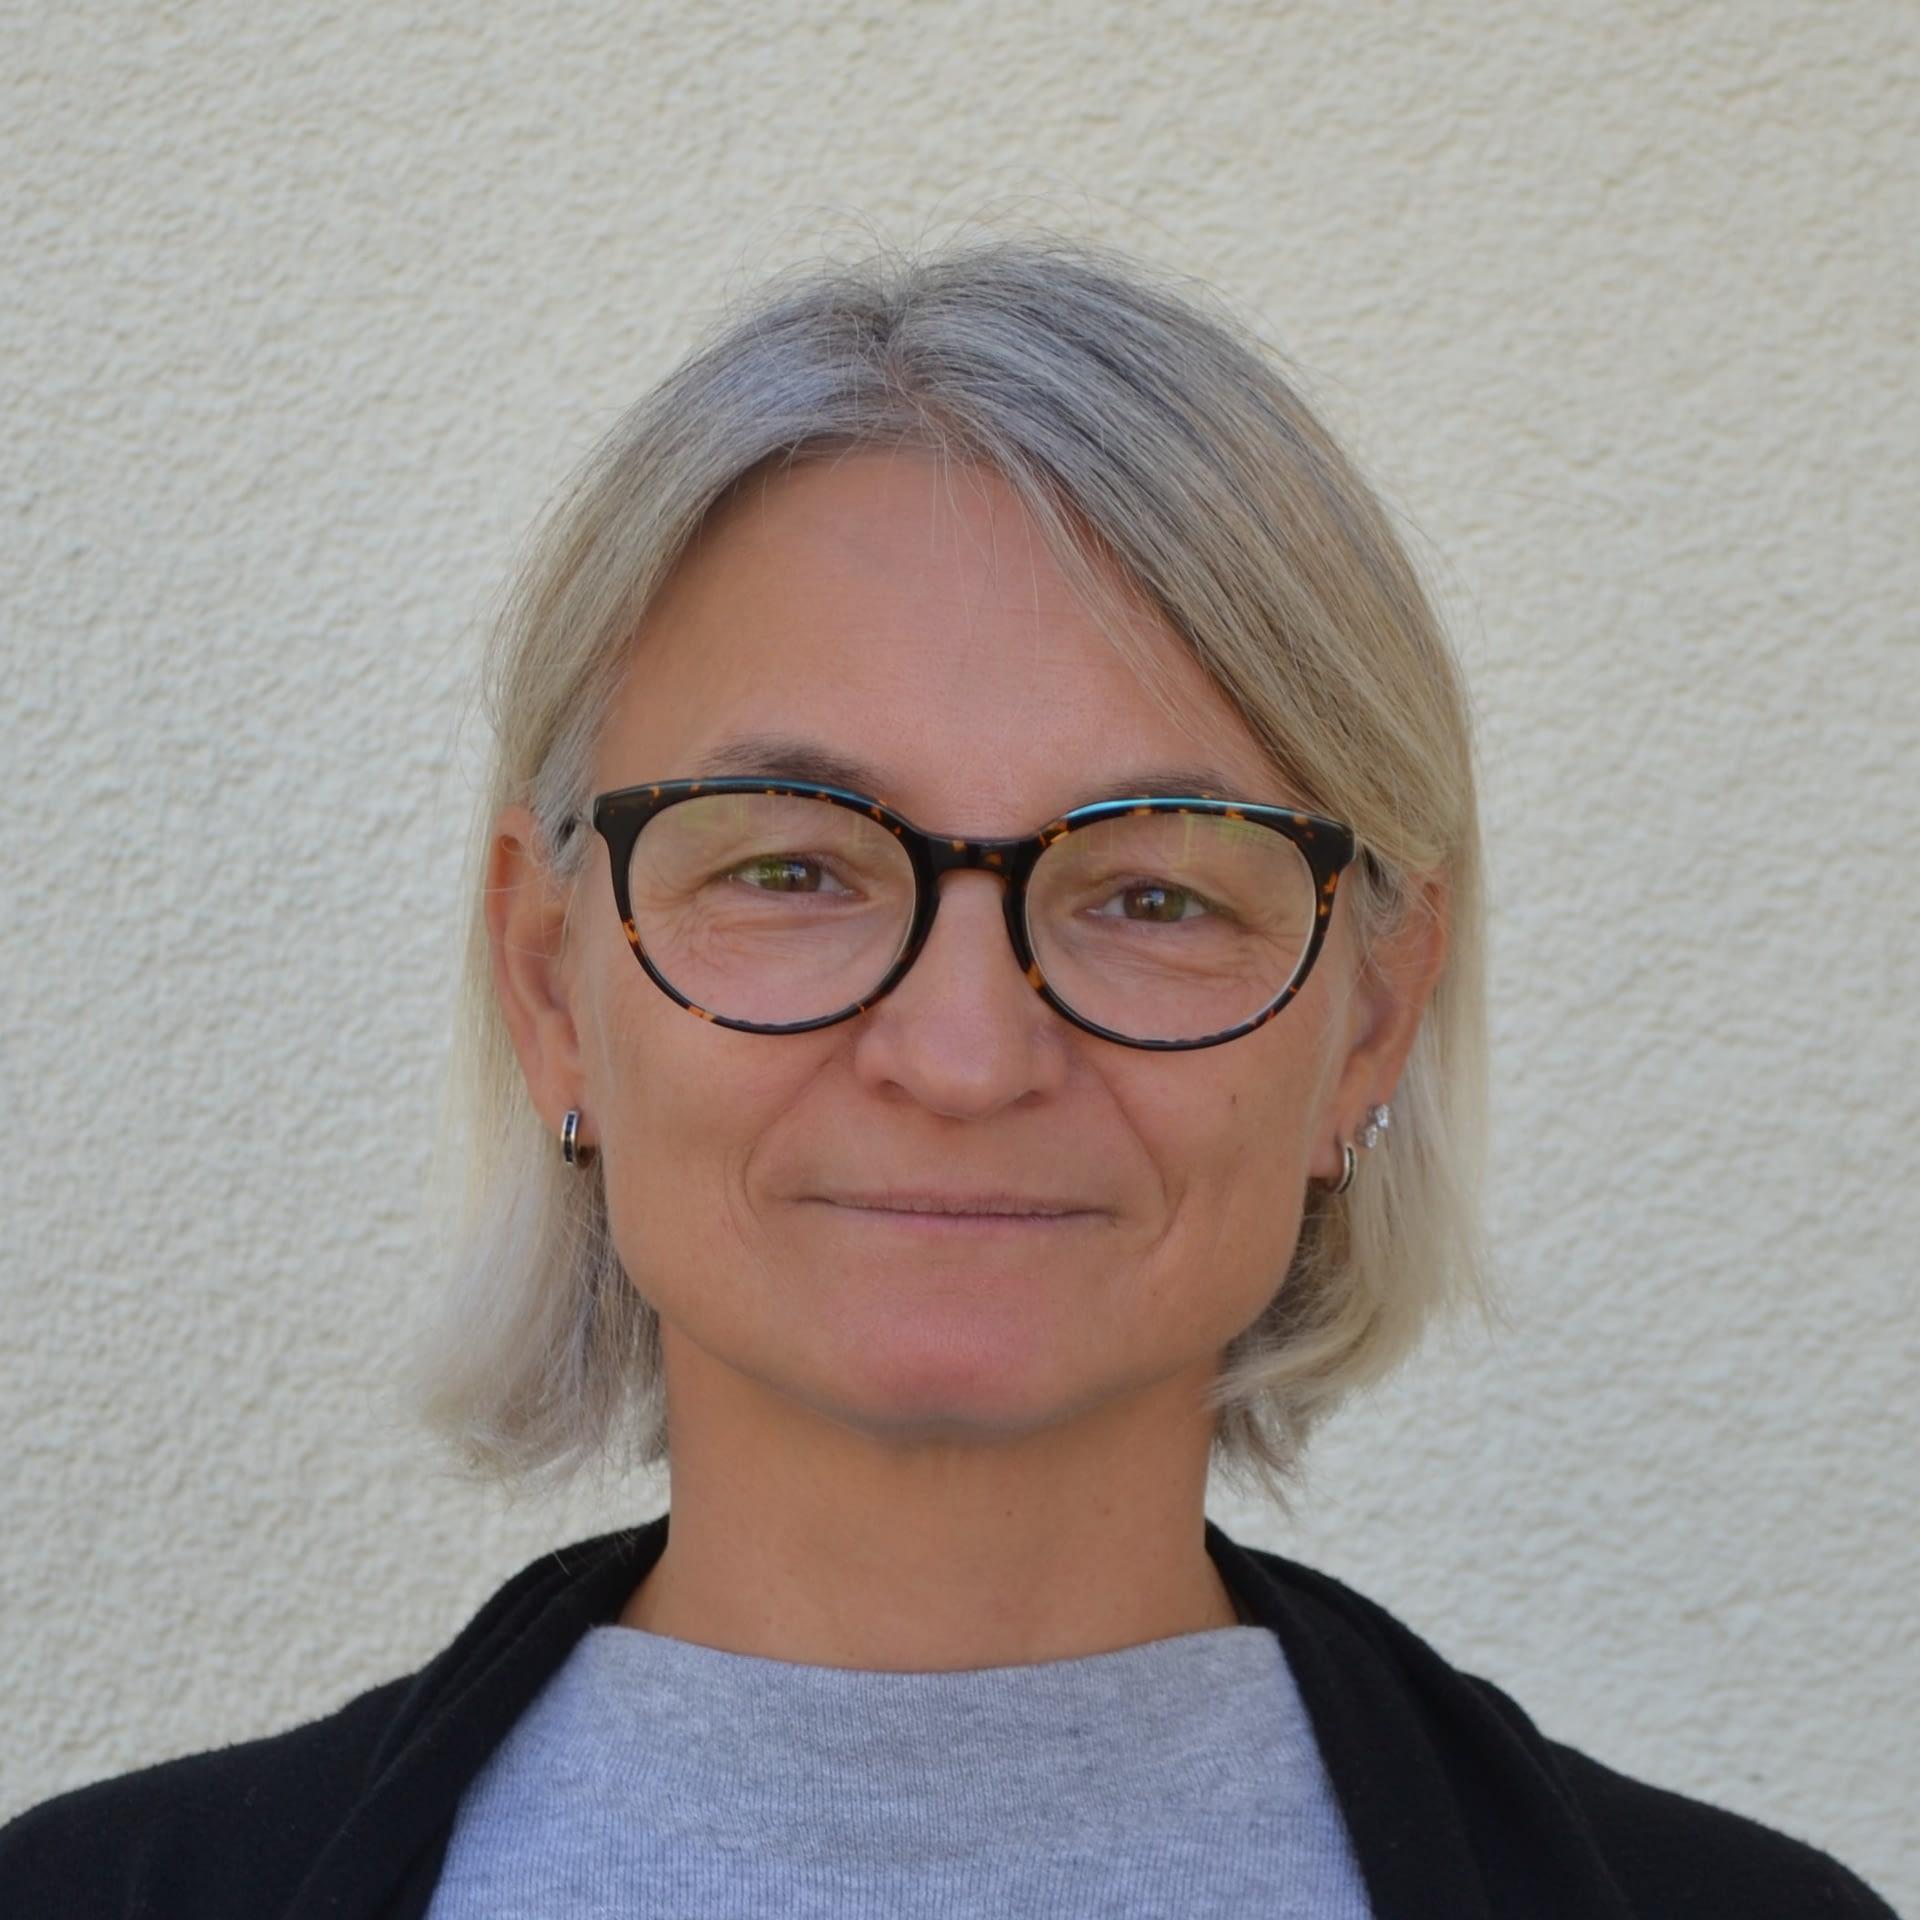 Dagmar Heusch